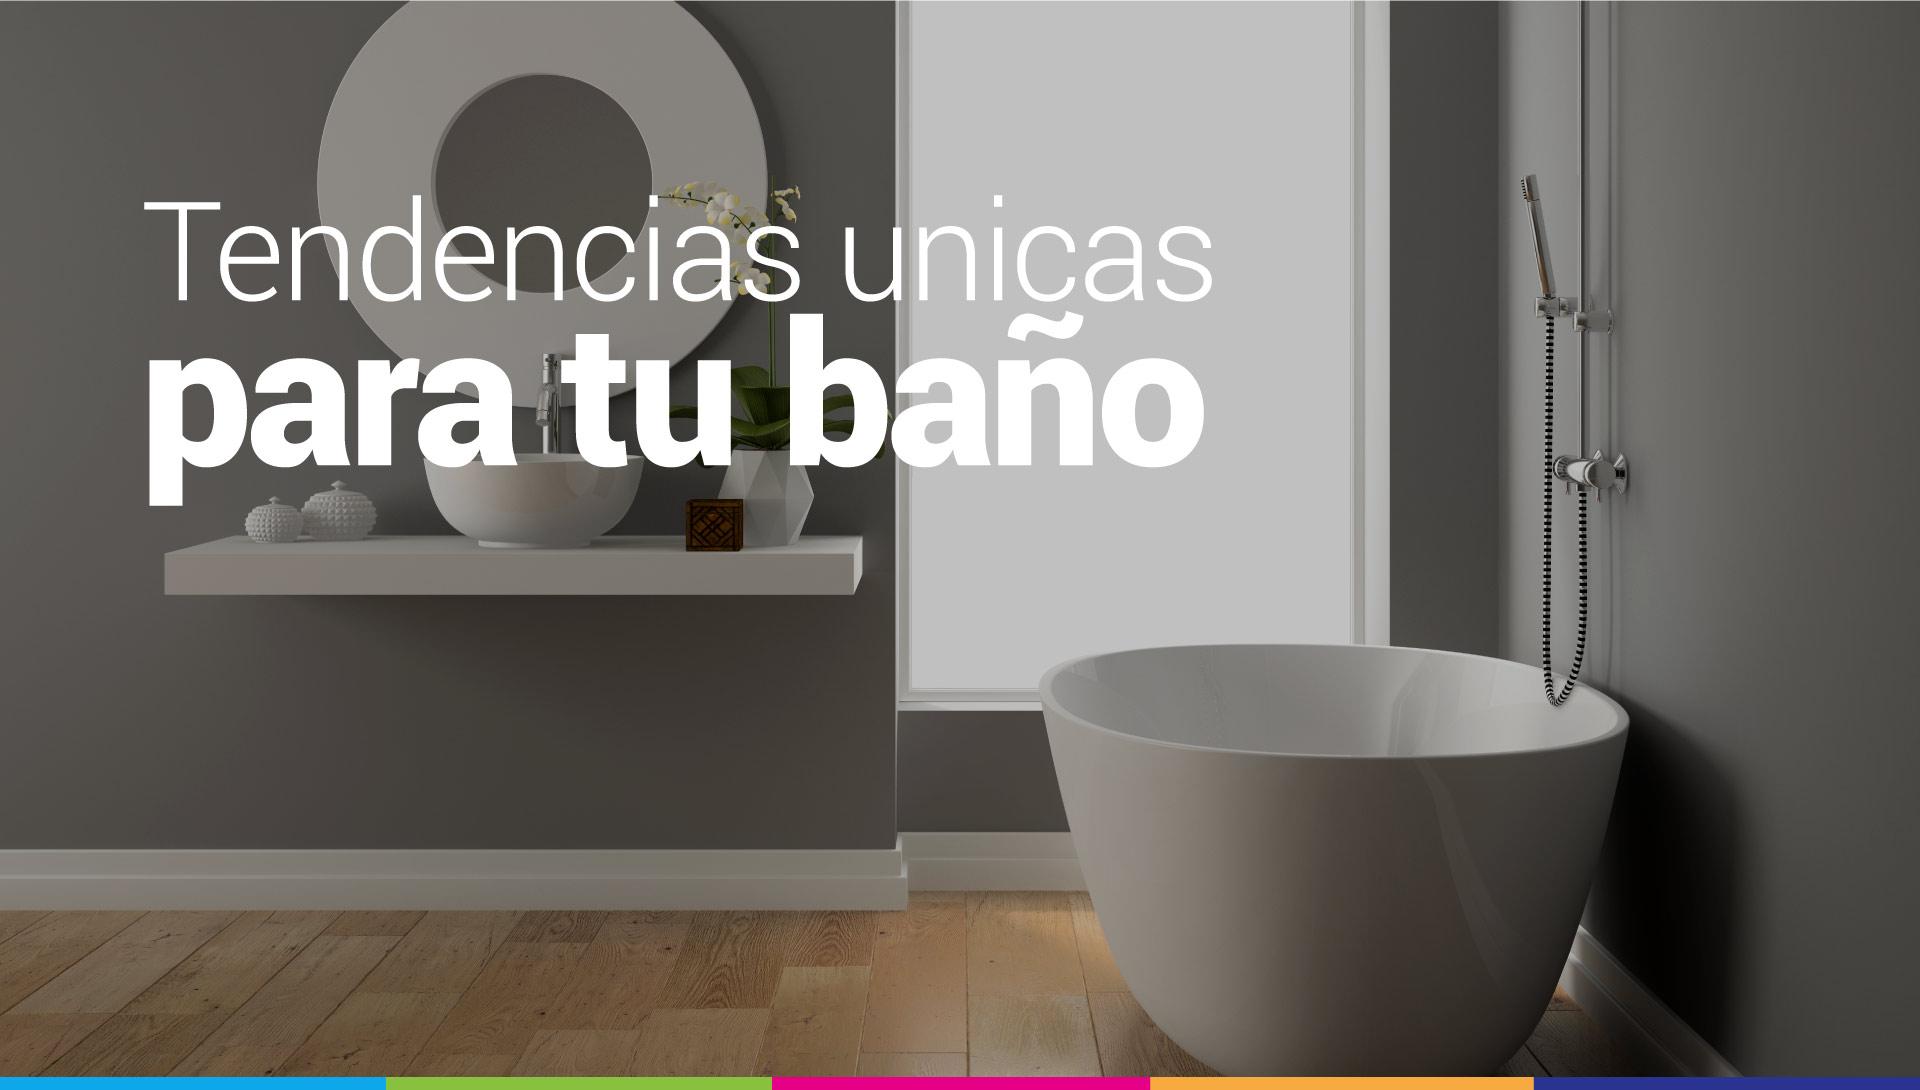 tendencias de decoracion de baños